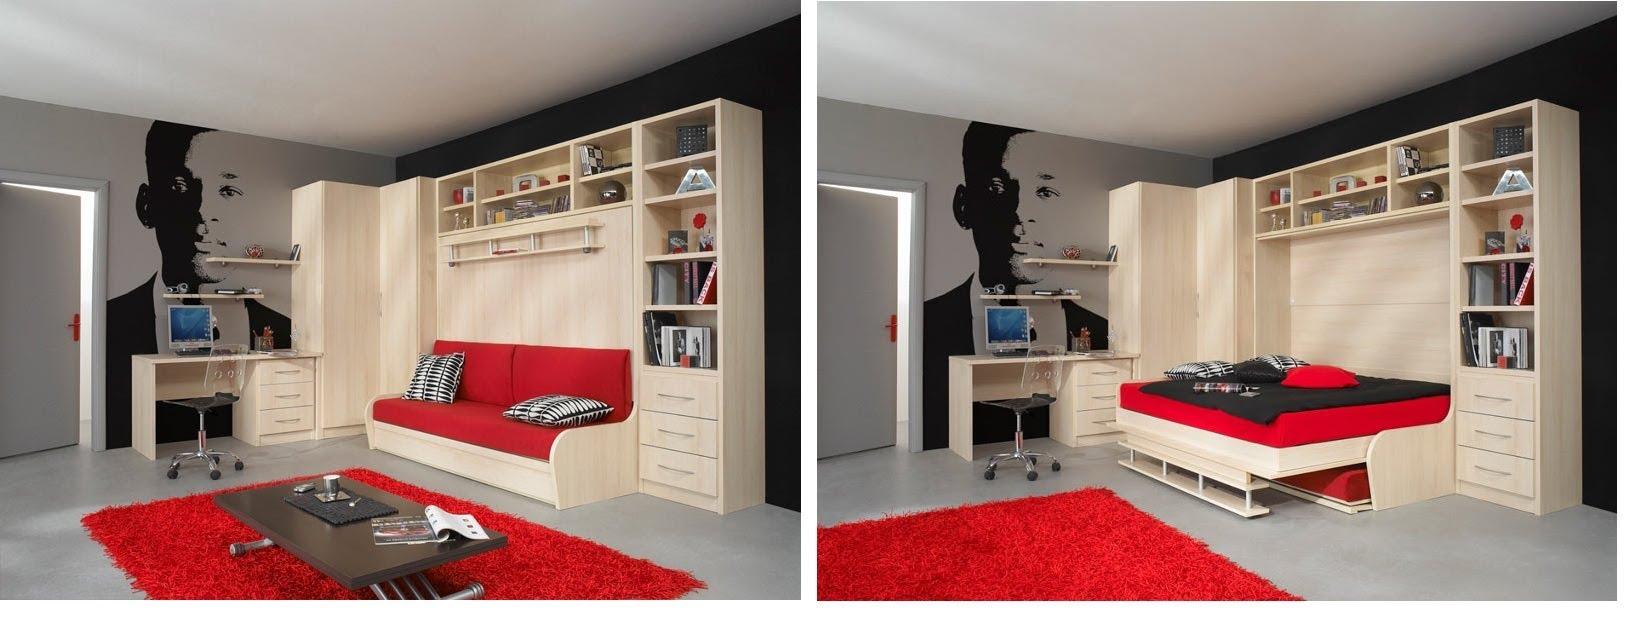 Откидной диван, превращающийся в шкаф